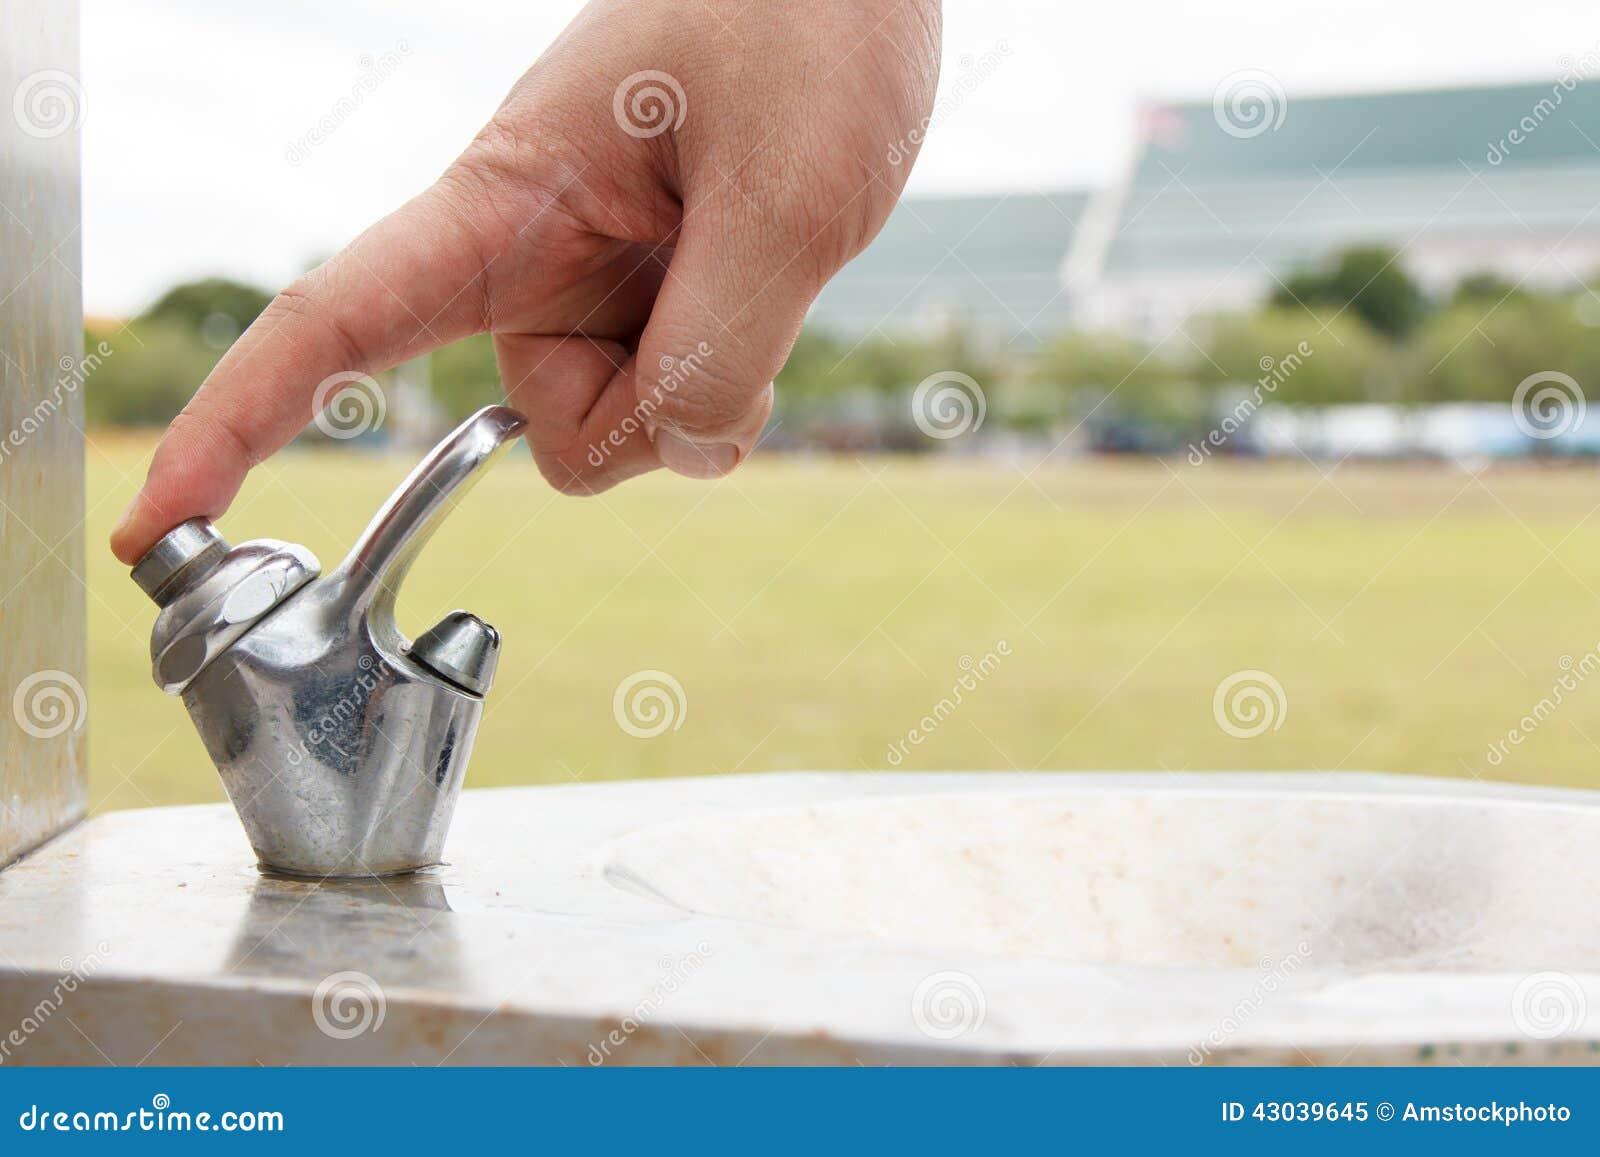 remettez le bouton poussoir d 39 homme du robinet d 39 eau potable au parc image stock image 43039645. Black Bedroom Furniture Sets. Home Design Ideas